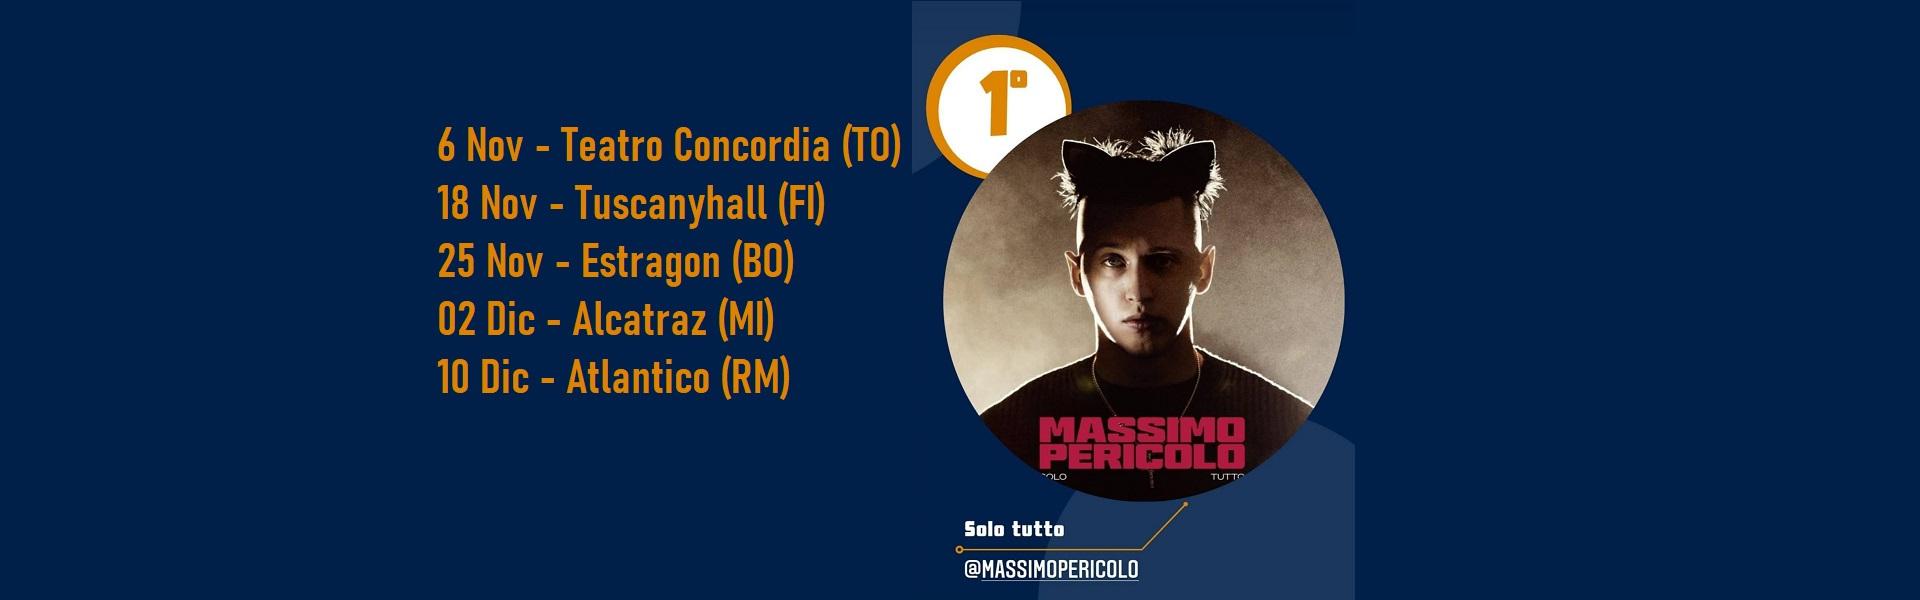 Massimo Pericolo Tour 2021 biglietti Mailticket